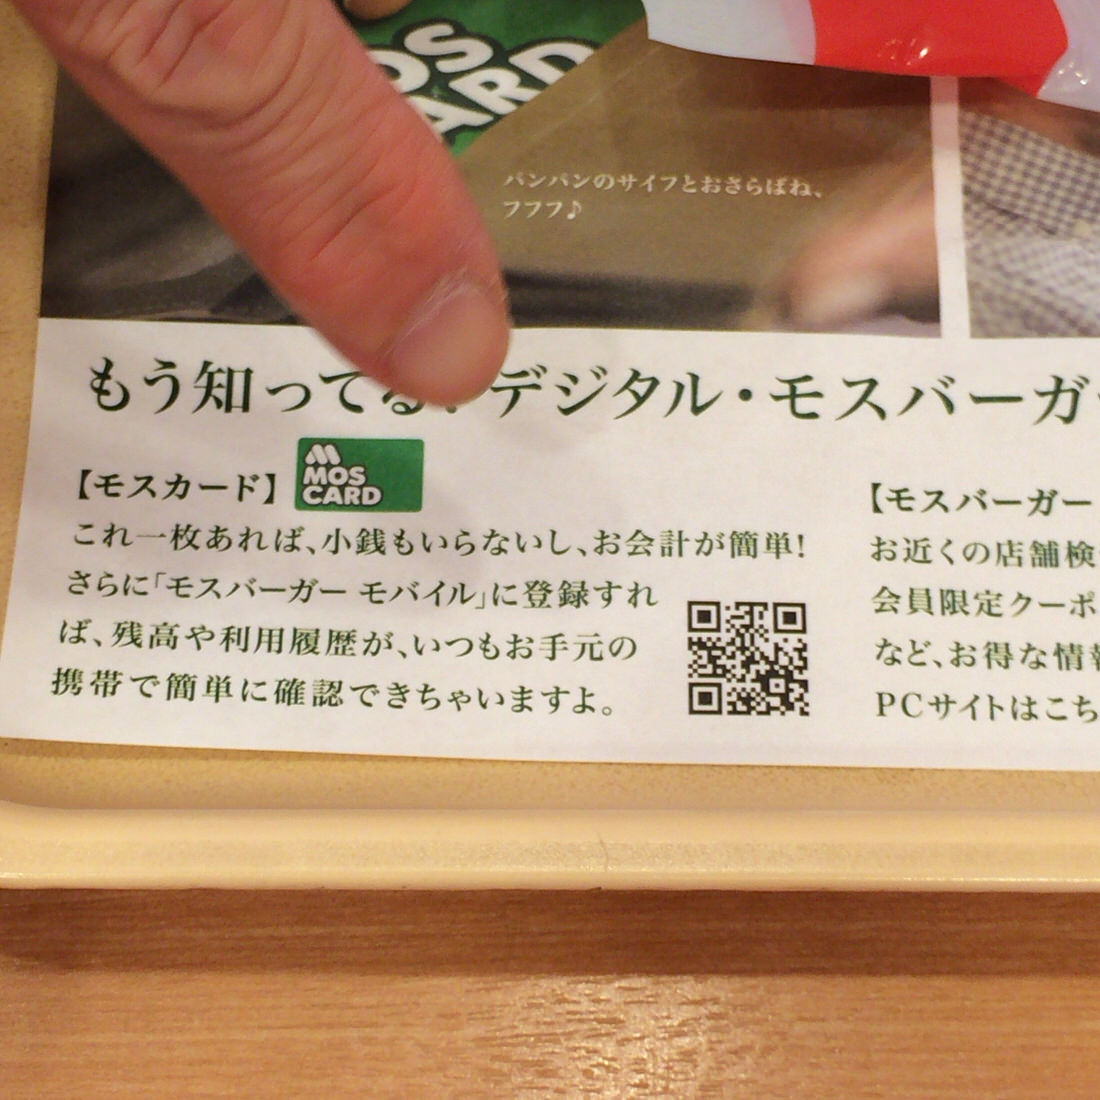 『MOS CARD/モスカード』知ってる?簡単な使い方で可愛いしポイント貯まって小銭いらず!